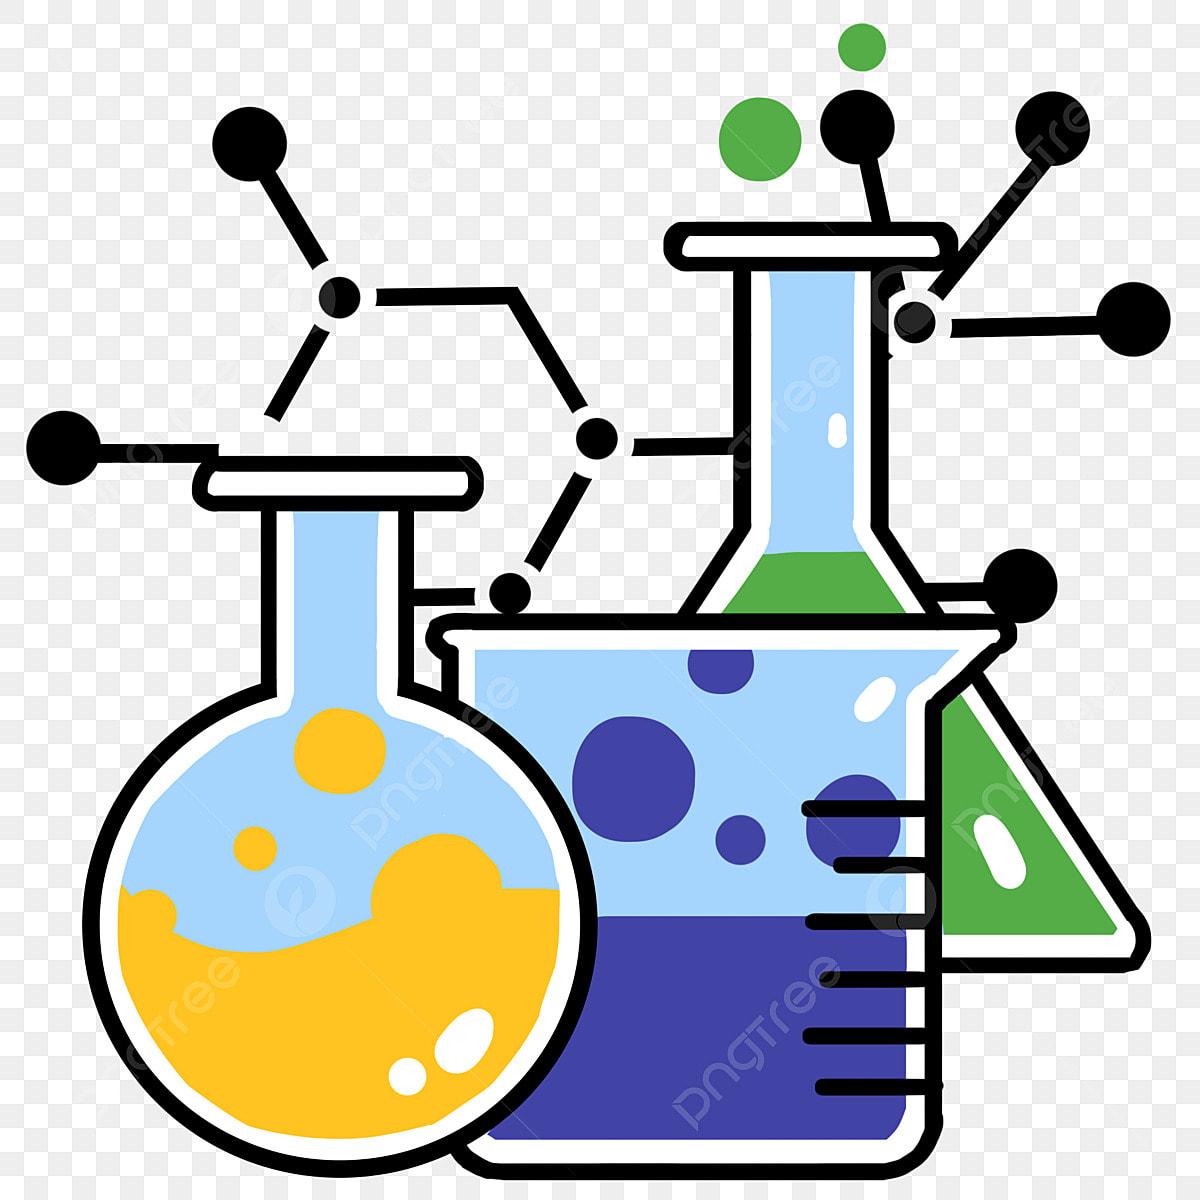 расчитай, чтобы картинки по химии для оформления методических разработок сычев российский актер